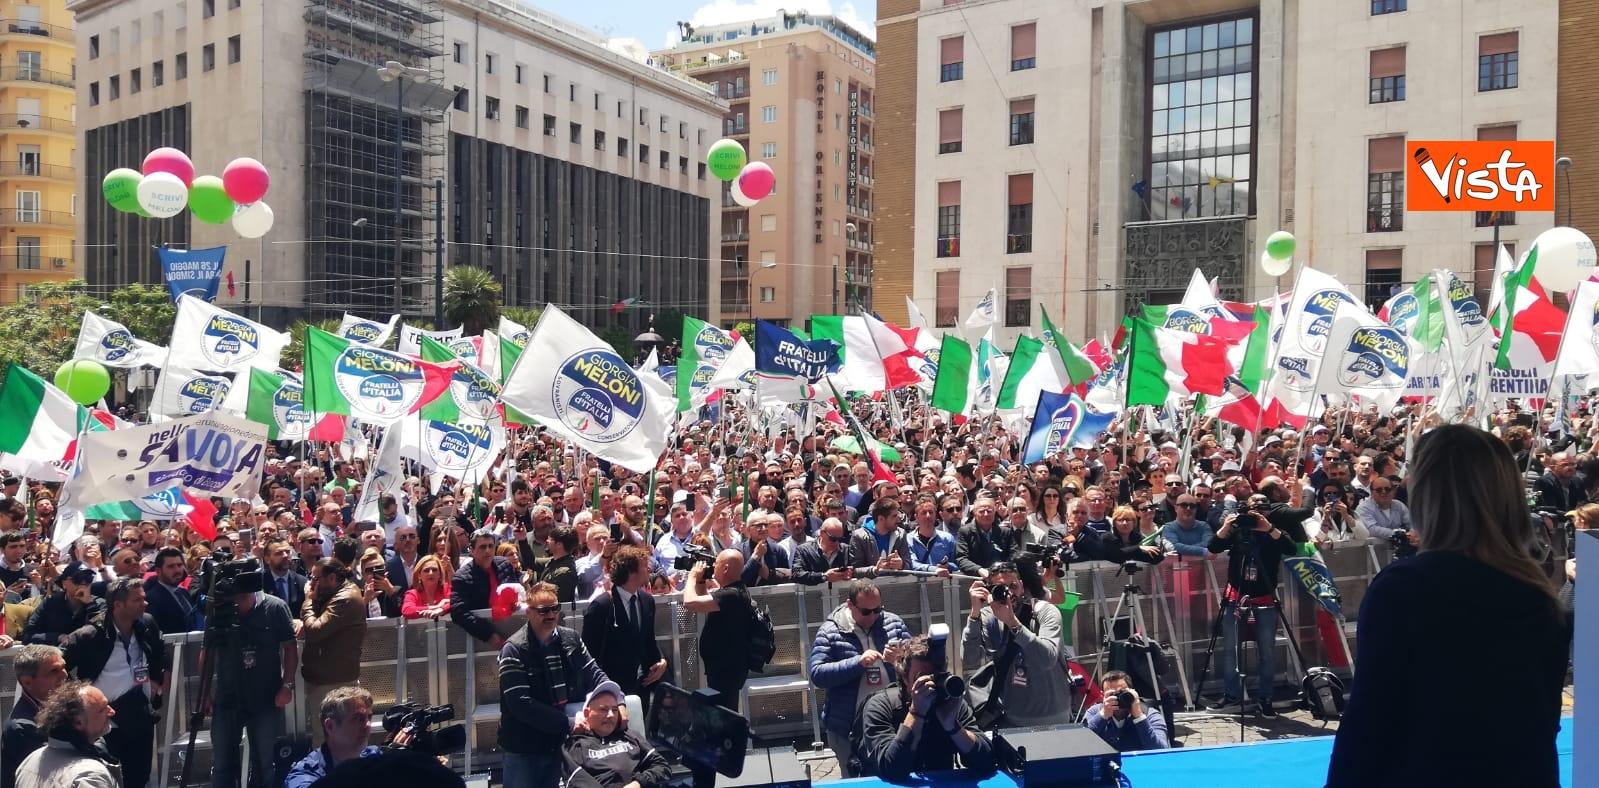 19-05-19 Europee Meloni chiude campagna elettorale a Napoli il comizio in piazza Matteotti_06